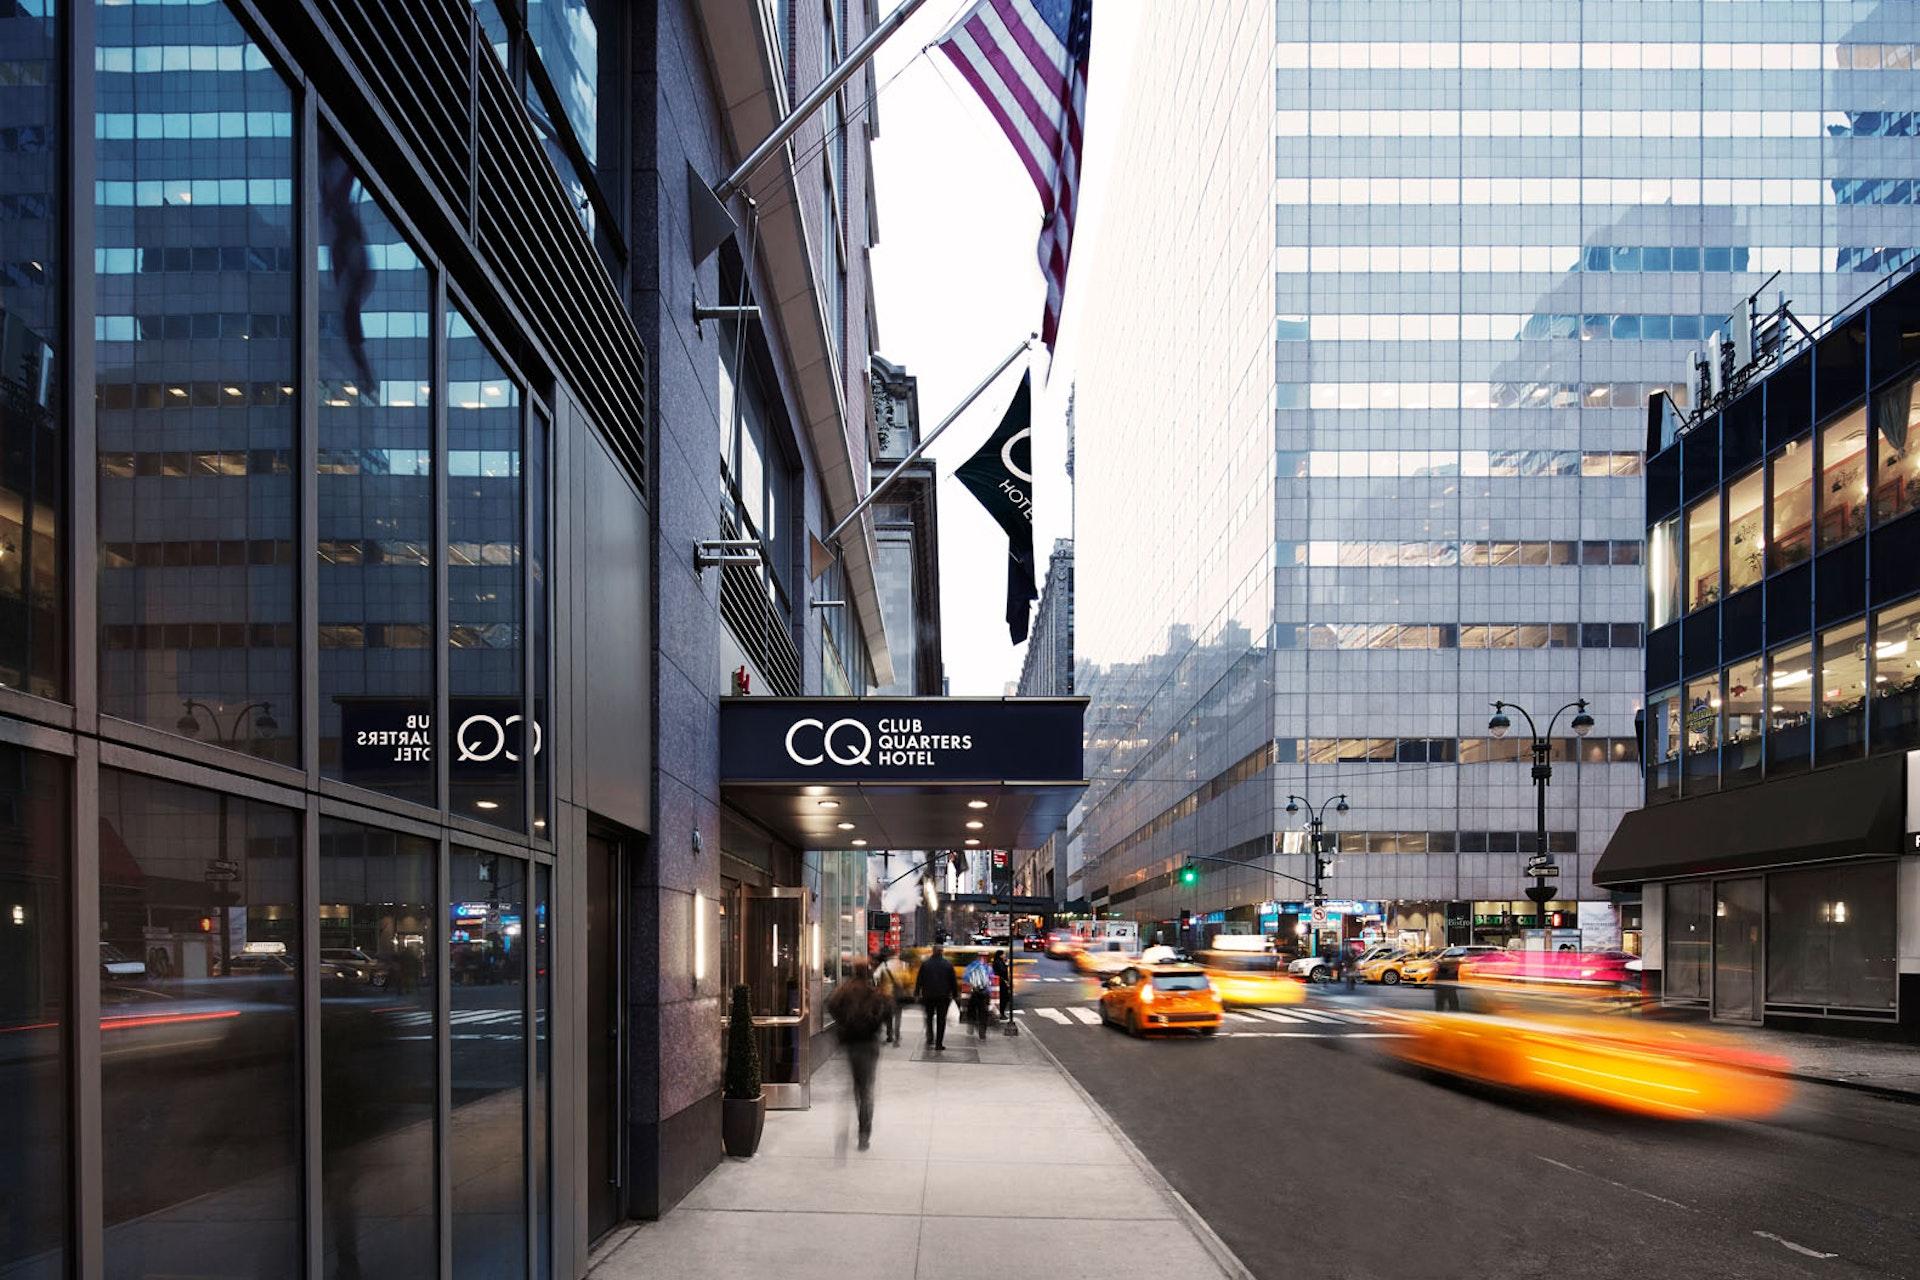 Club Quarters Hotel, Grand Central, Manhattan